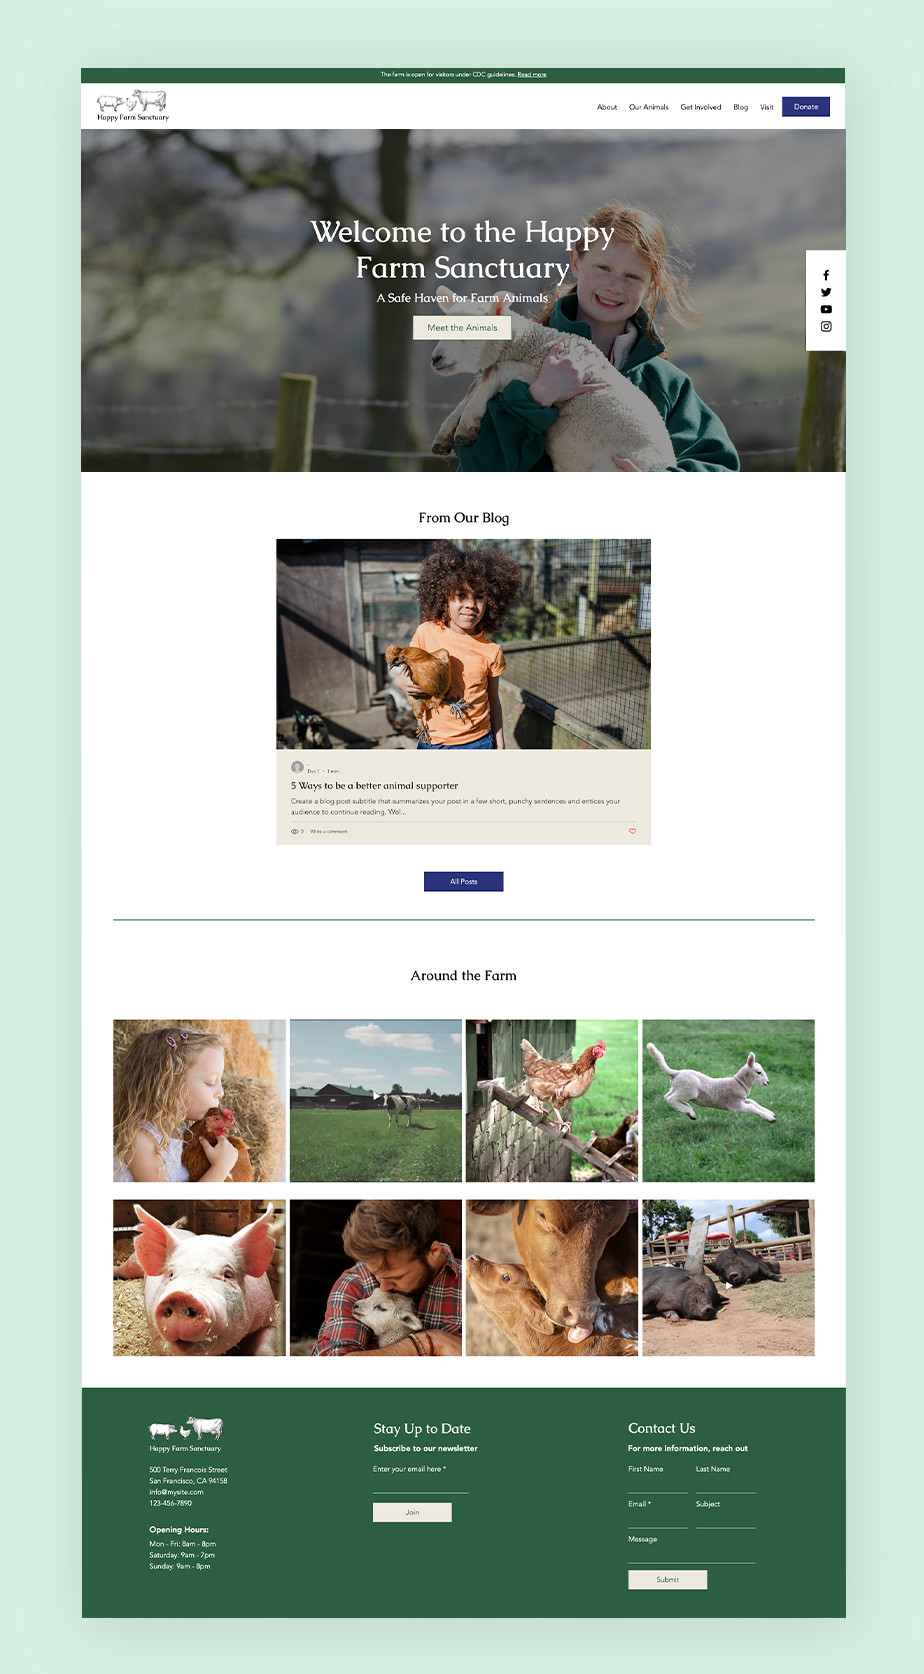 아이들과 동물이 행복한 웃음을 짓는 비영리 단체 웹사이트 메인 이미지